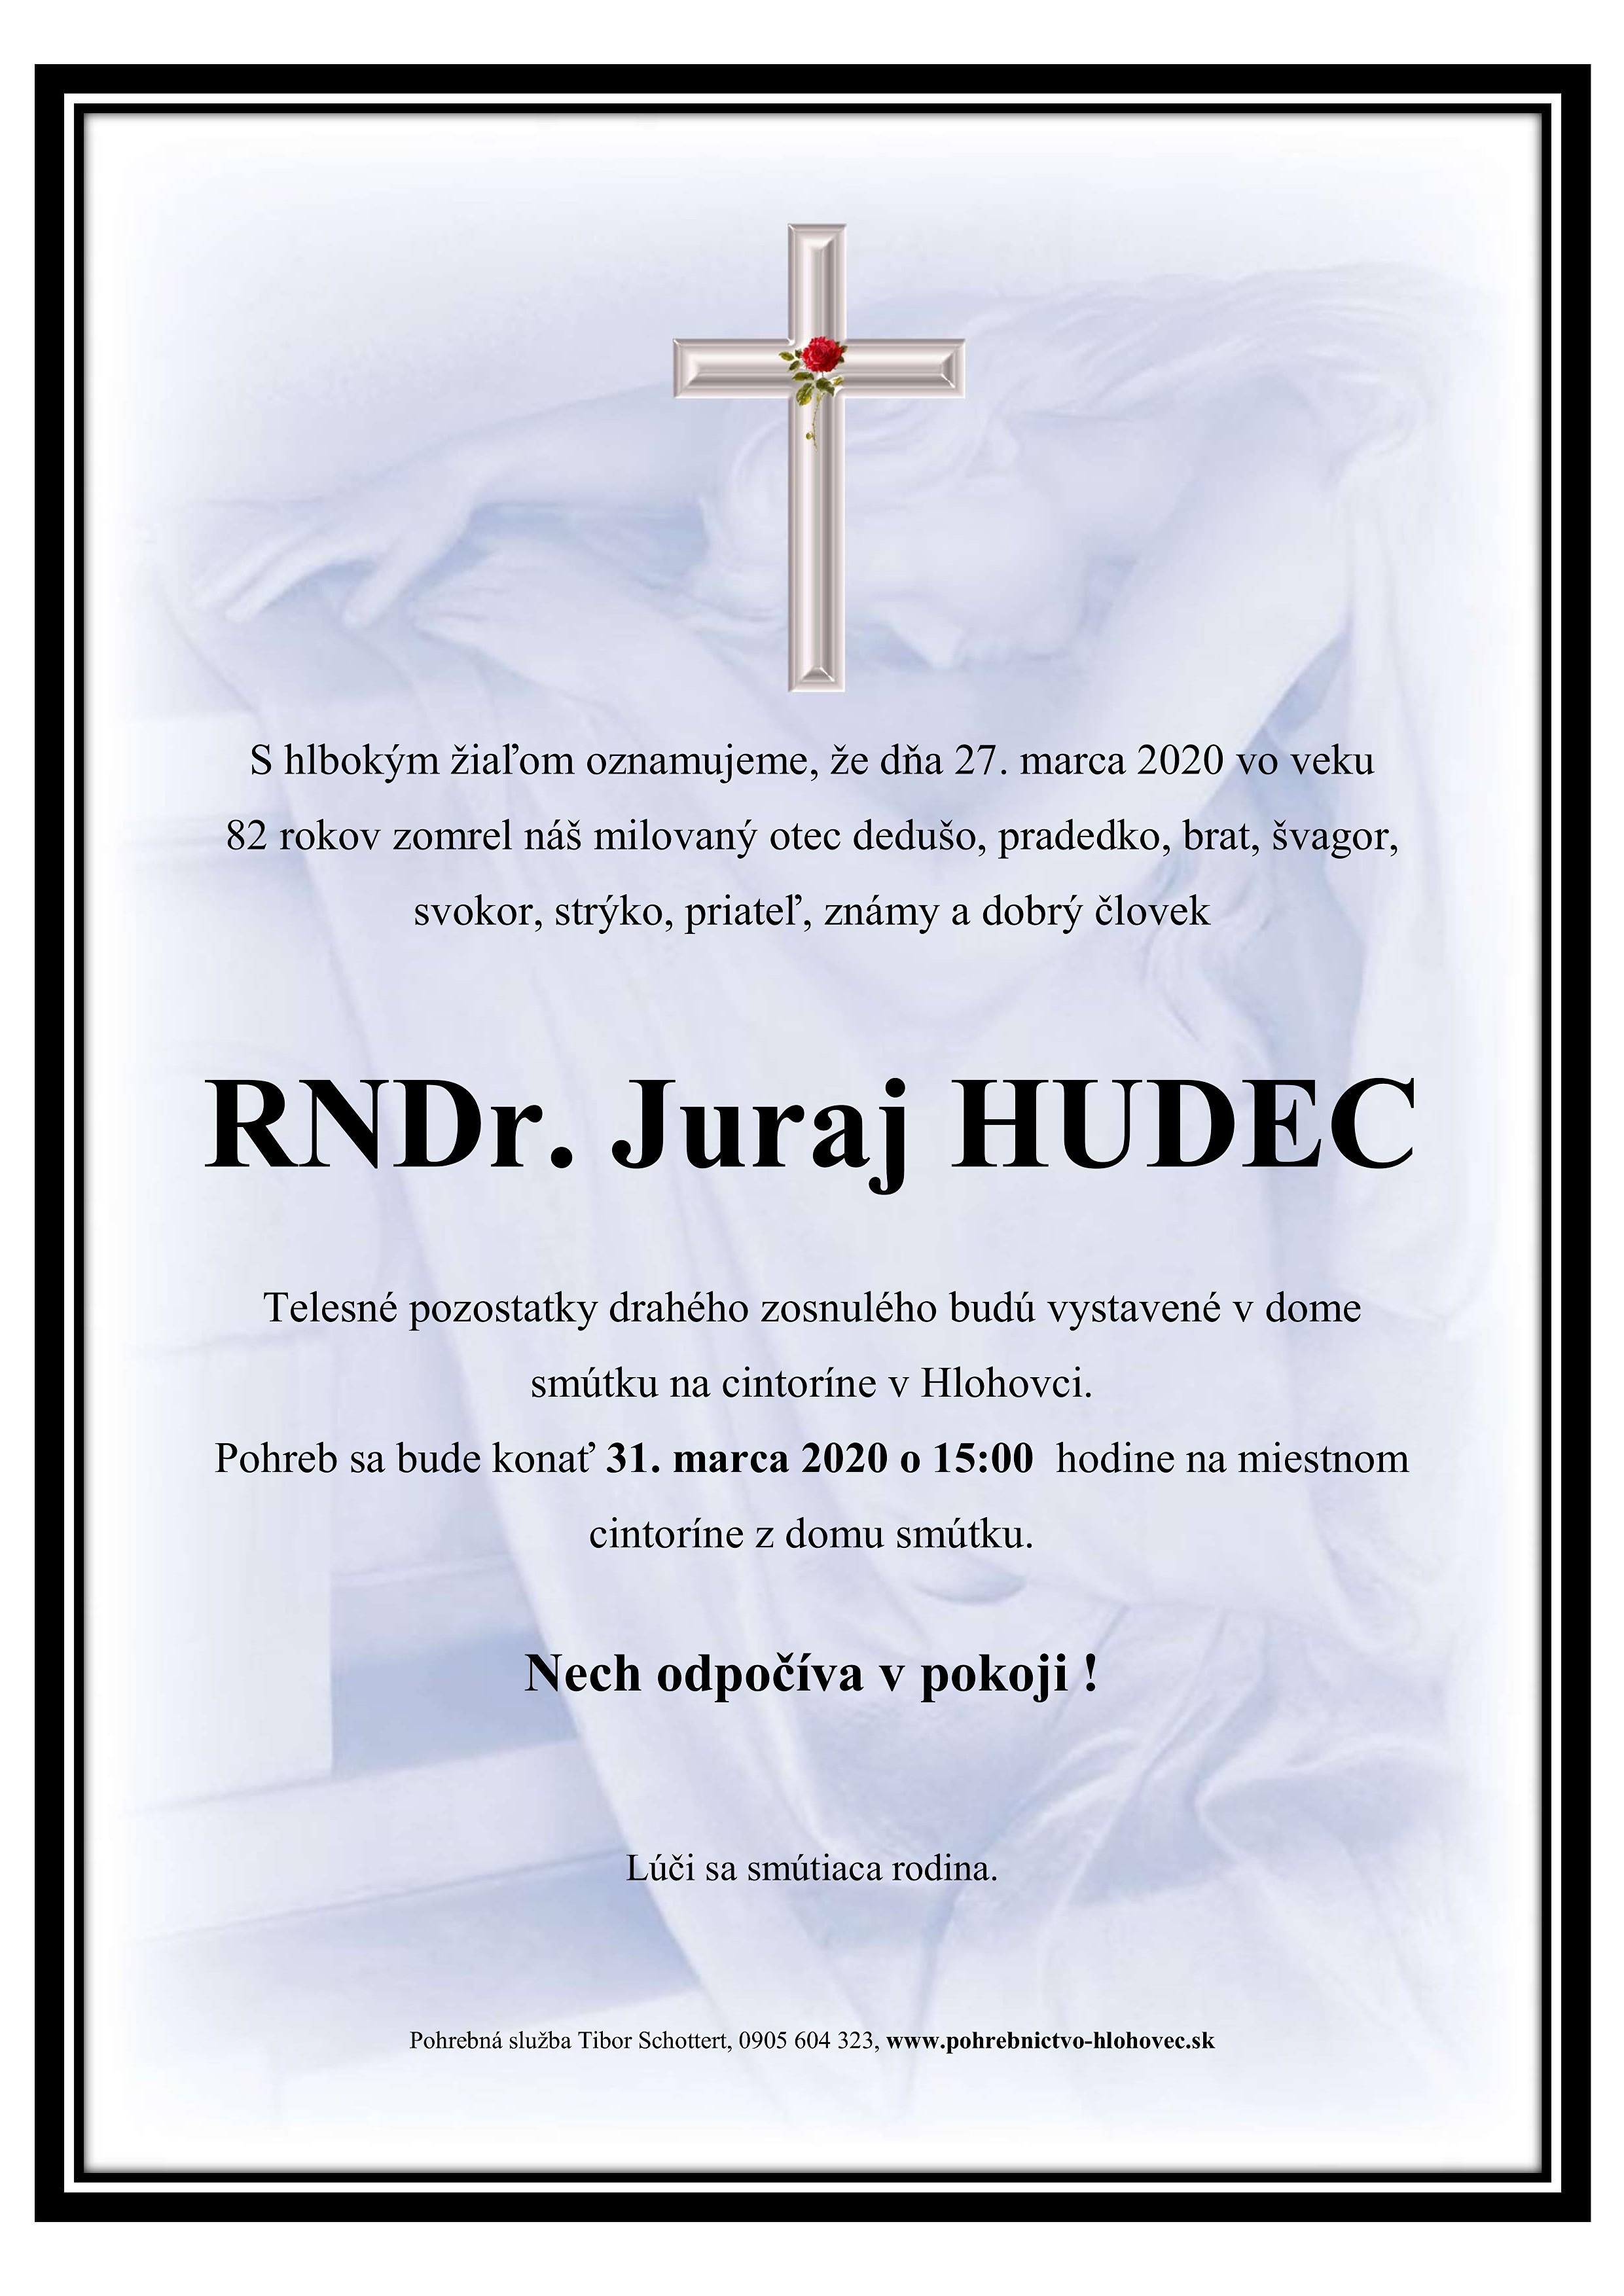 RNDr. Juraj Hudec Parte